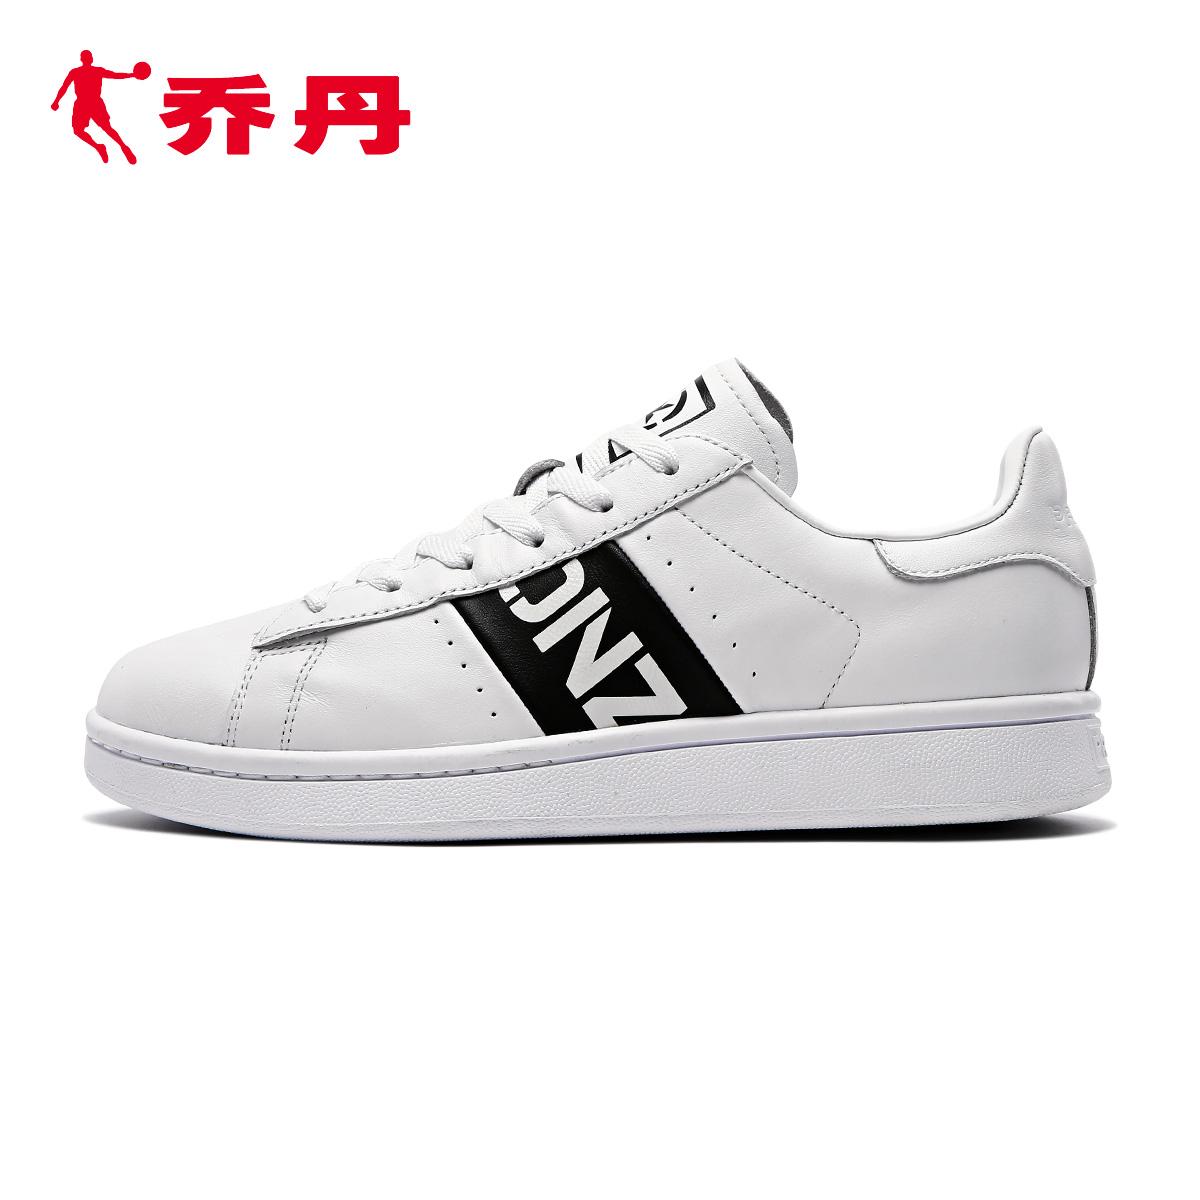 乔丹百尚2017秋冬新款男子板鞋 经典黑白休闲鞋 皮面小白鞋滑板鞋